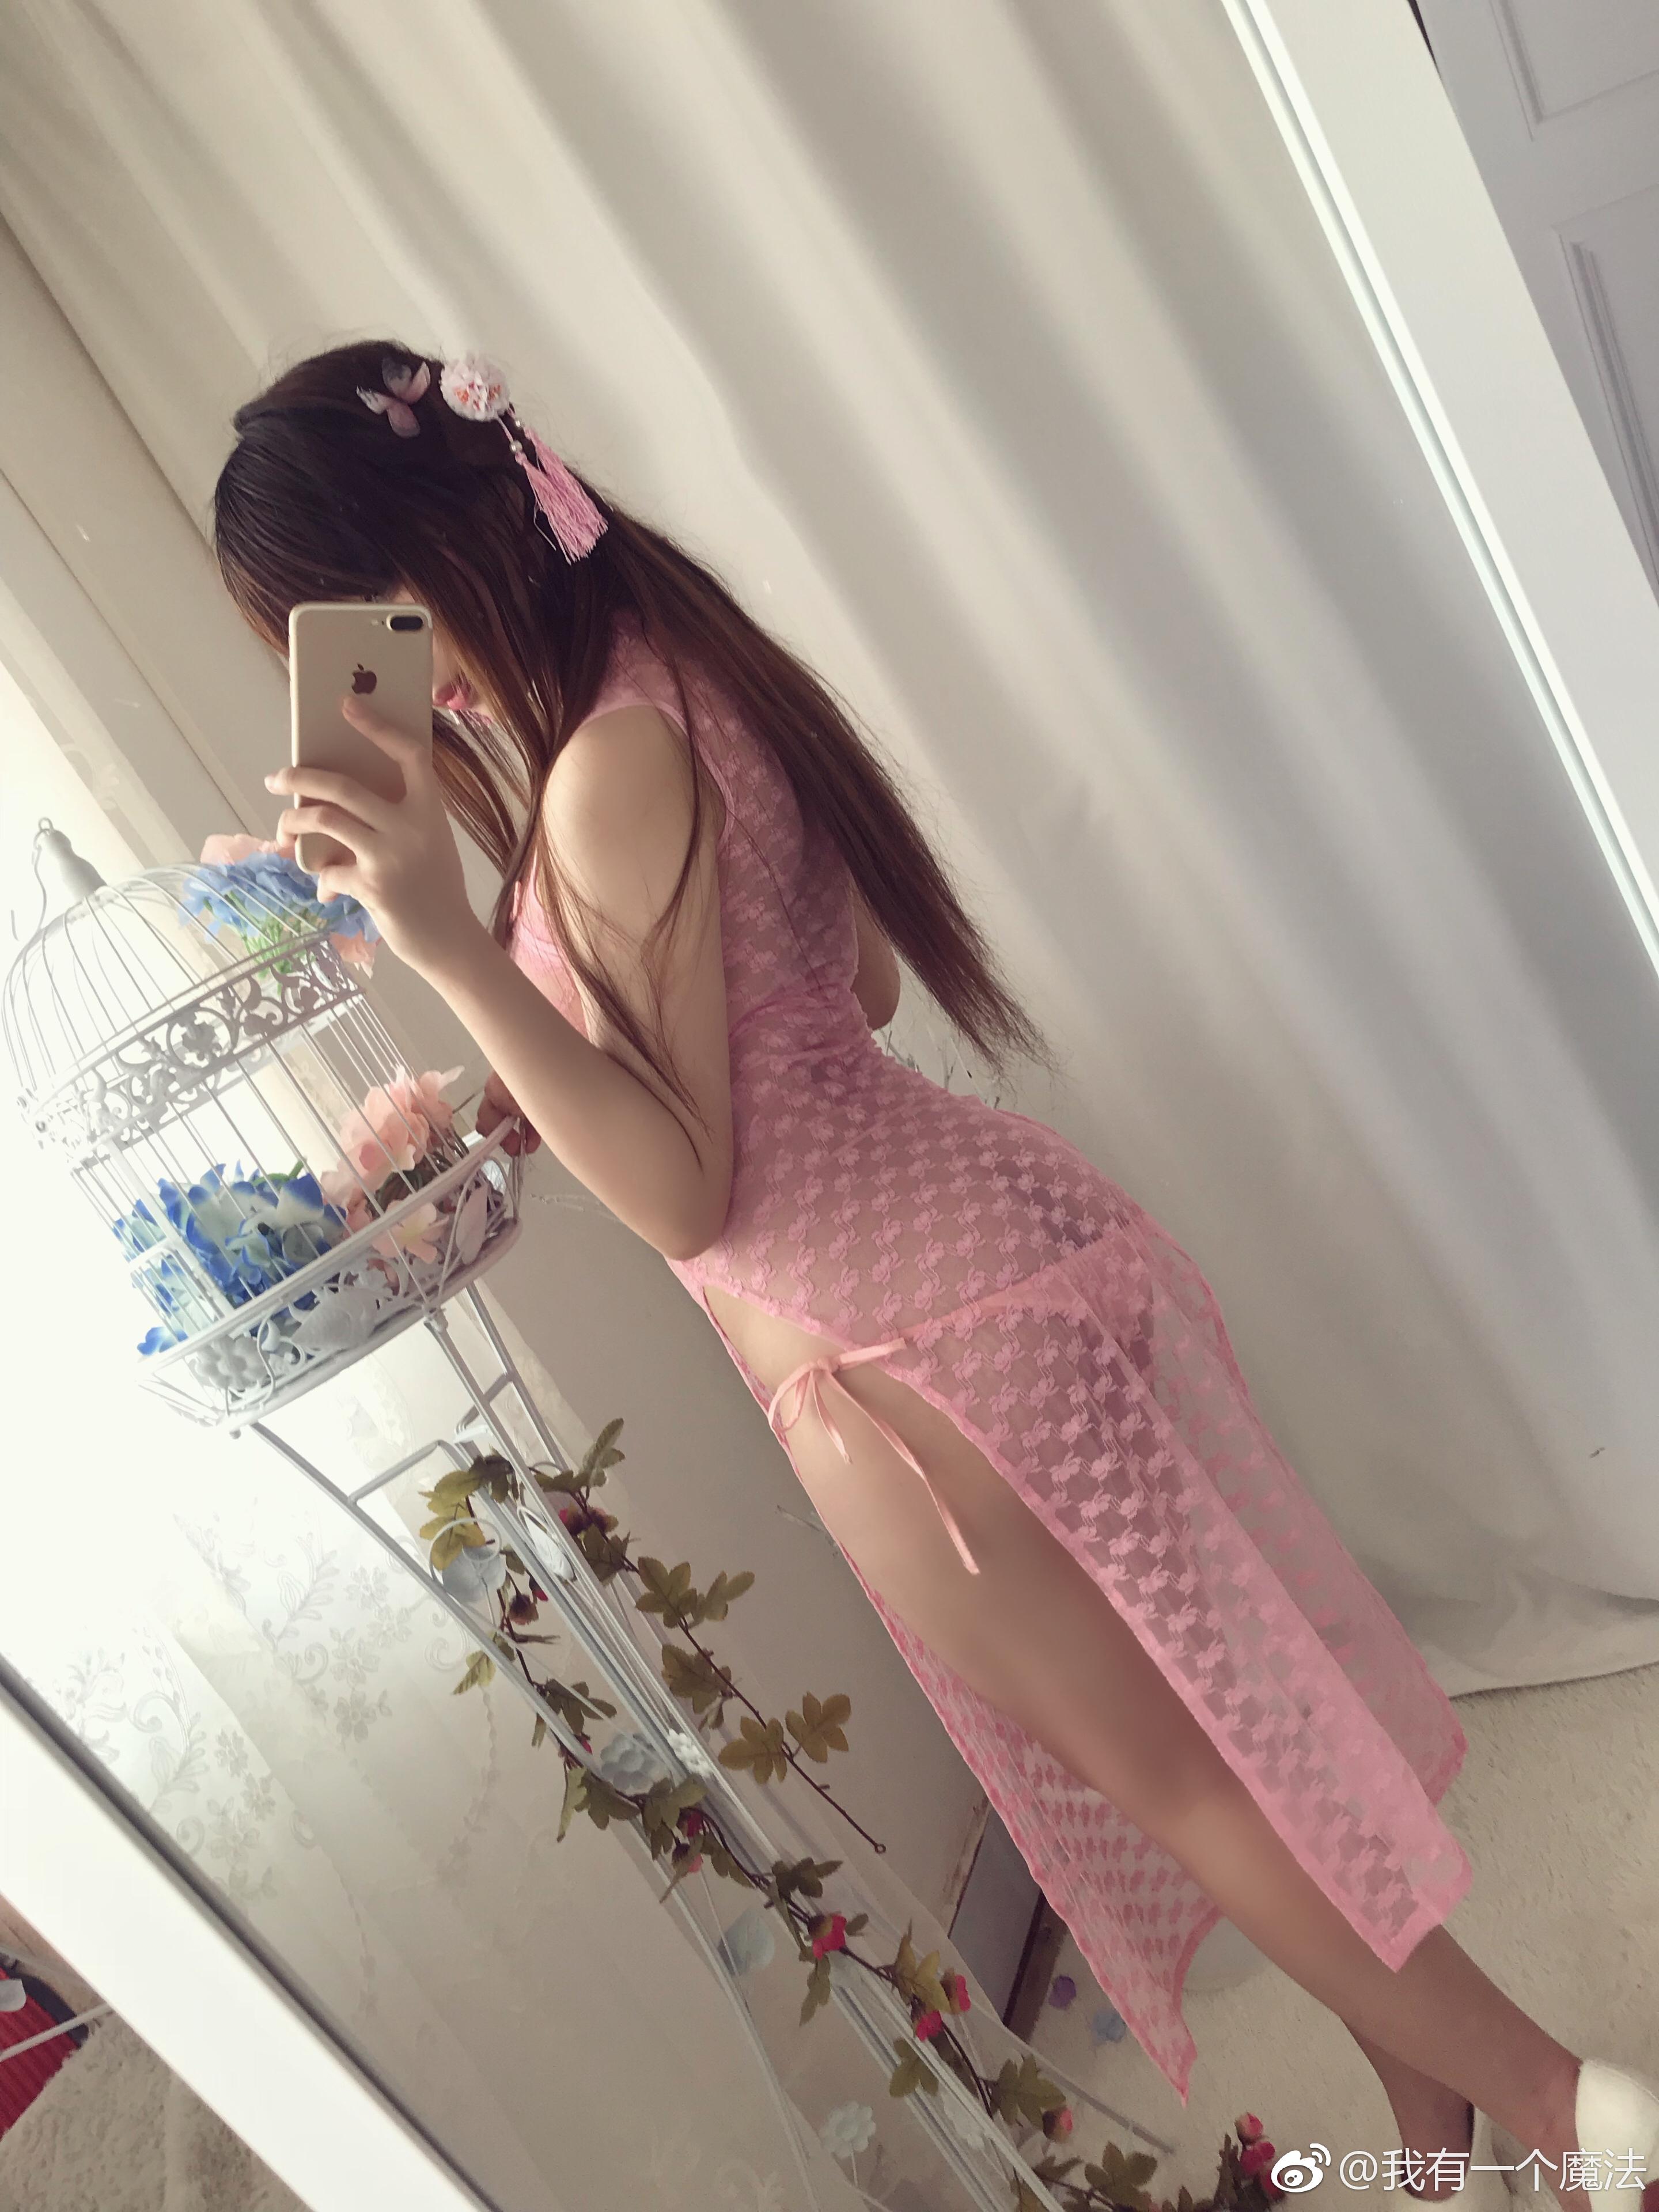 萌妹老板娘亲自上阵的福利自拍,粉色蕾丝旗袍 (9P)